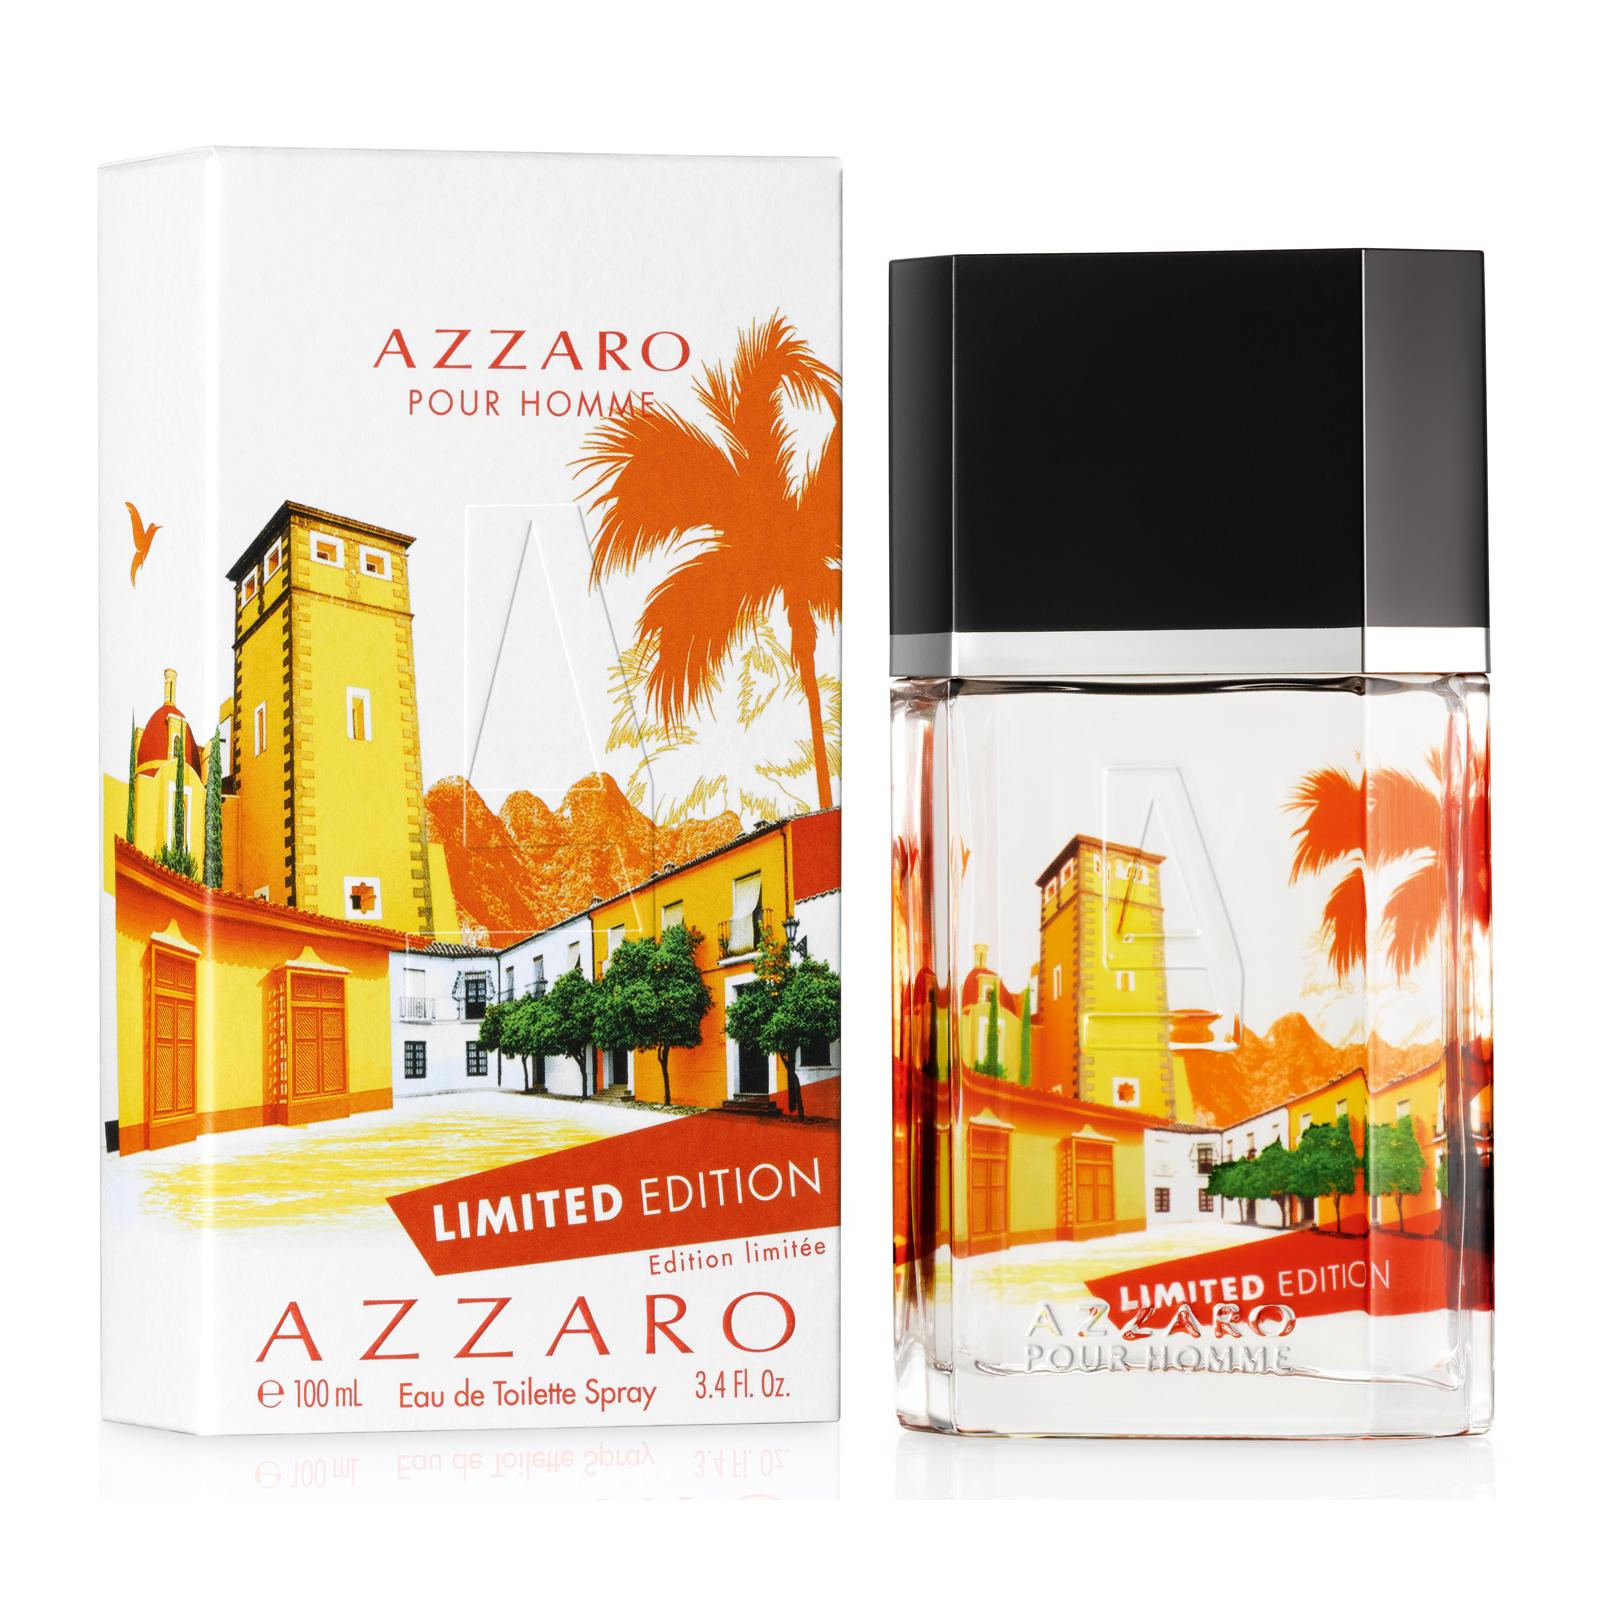 Eau de Toilette Azzaro Limited Edition Pour Homme 100ml